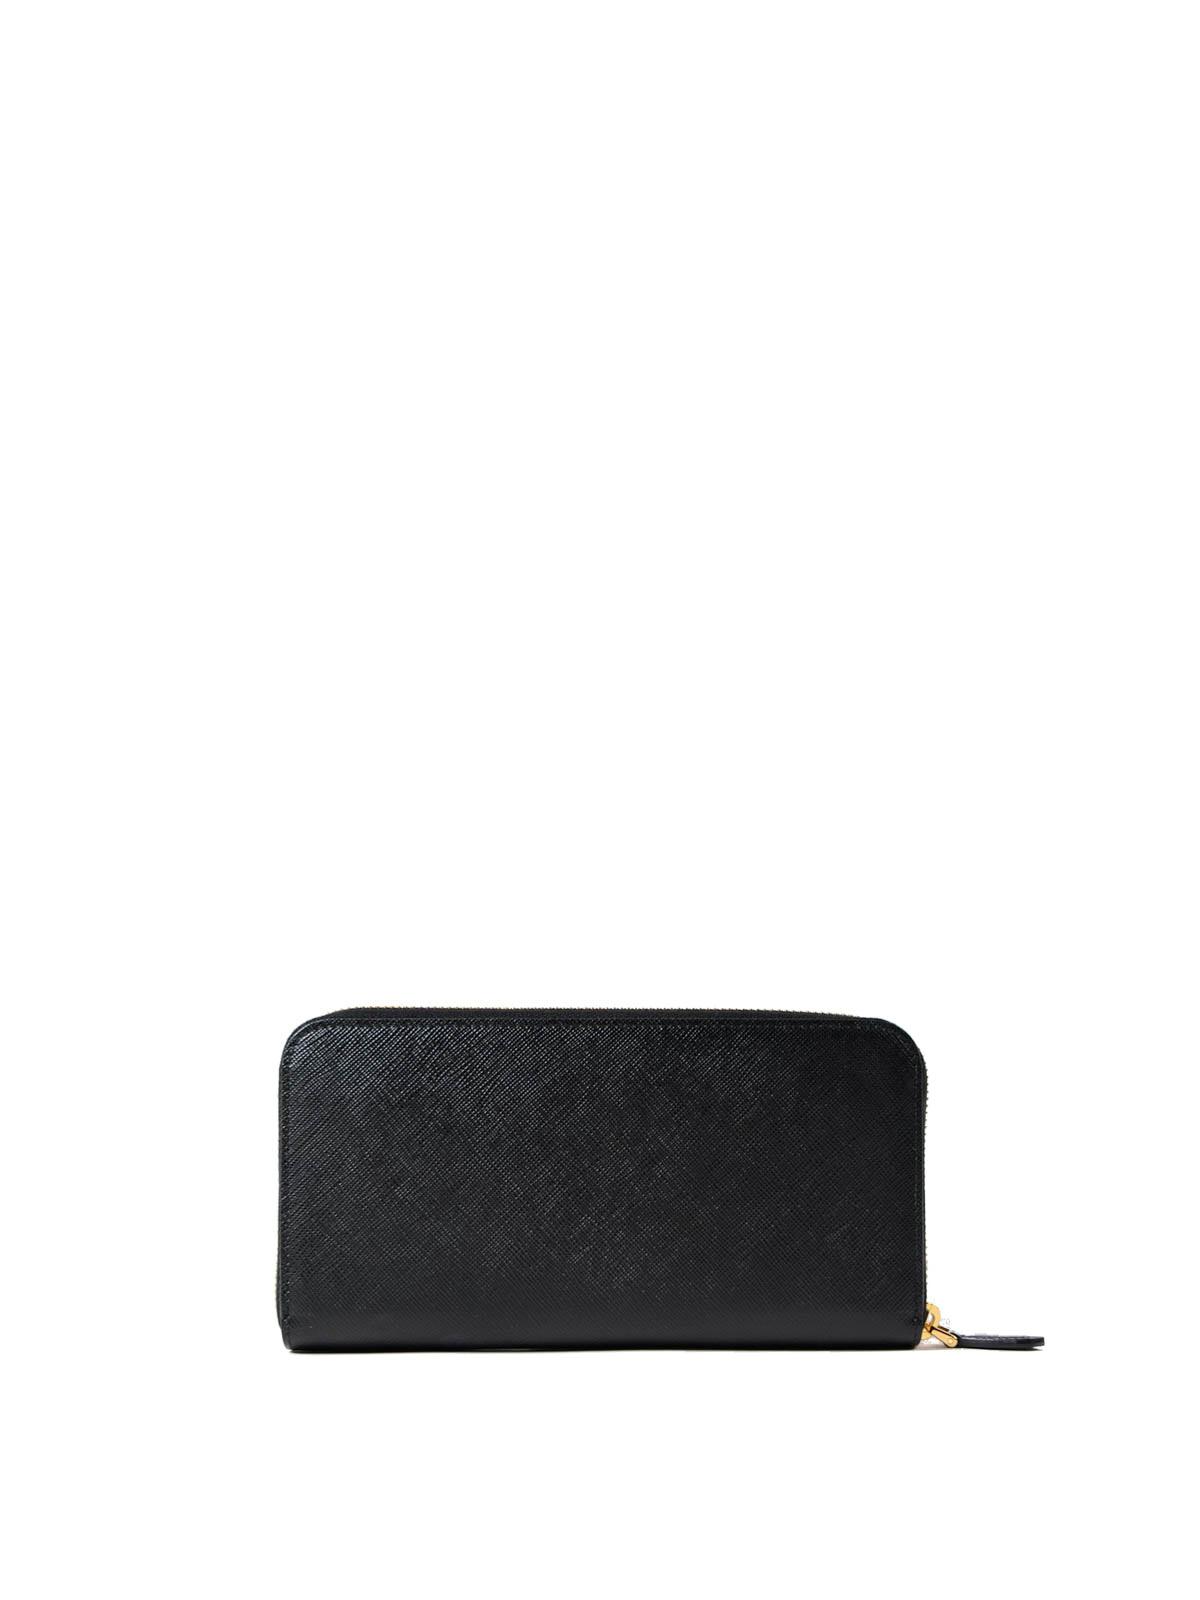 7de29bab875c94 iKRIX PRADA: wallets & purses - Black saffiano zip-around wallet